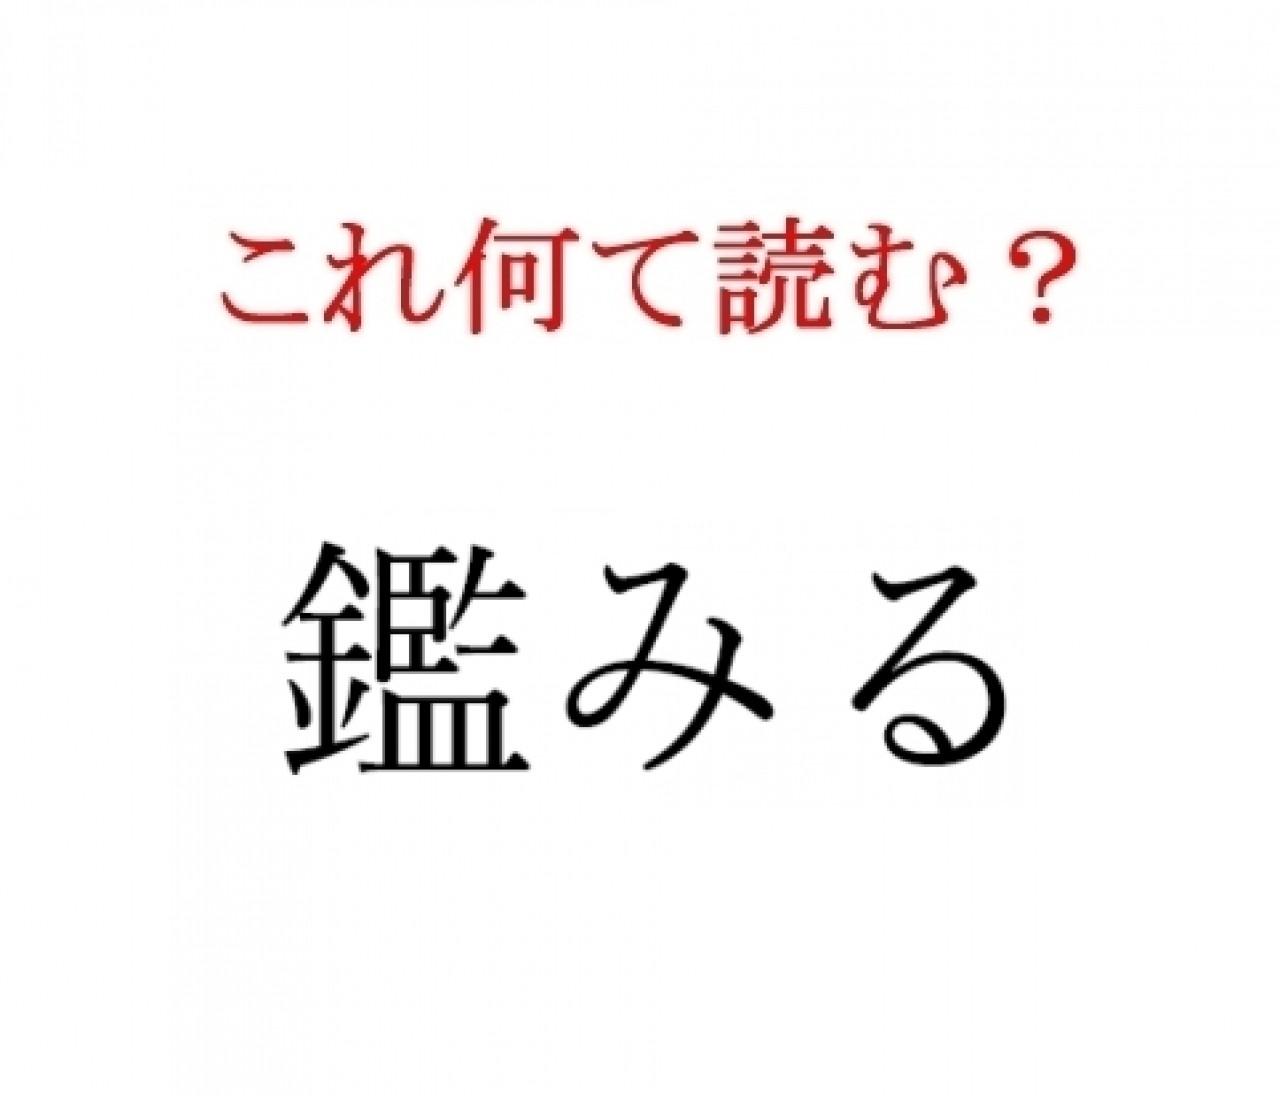 「鑑みる」:この漢字、自信を持って読めますか?【働く大人の漢字クイズvol.25】